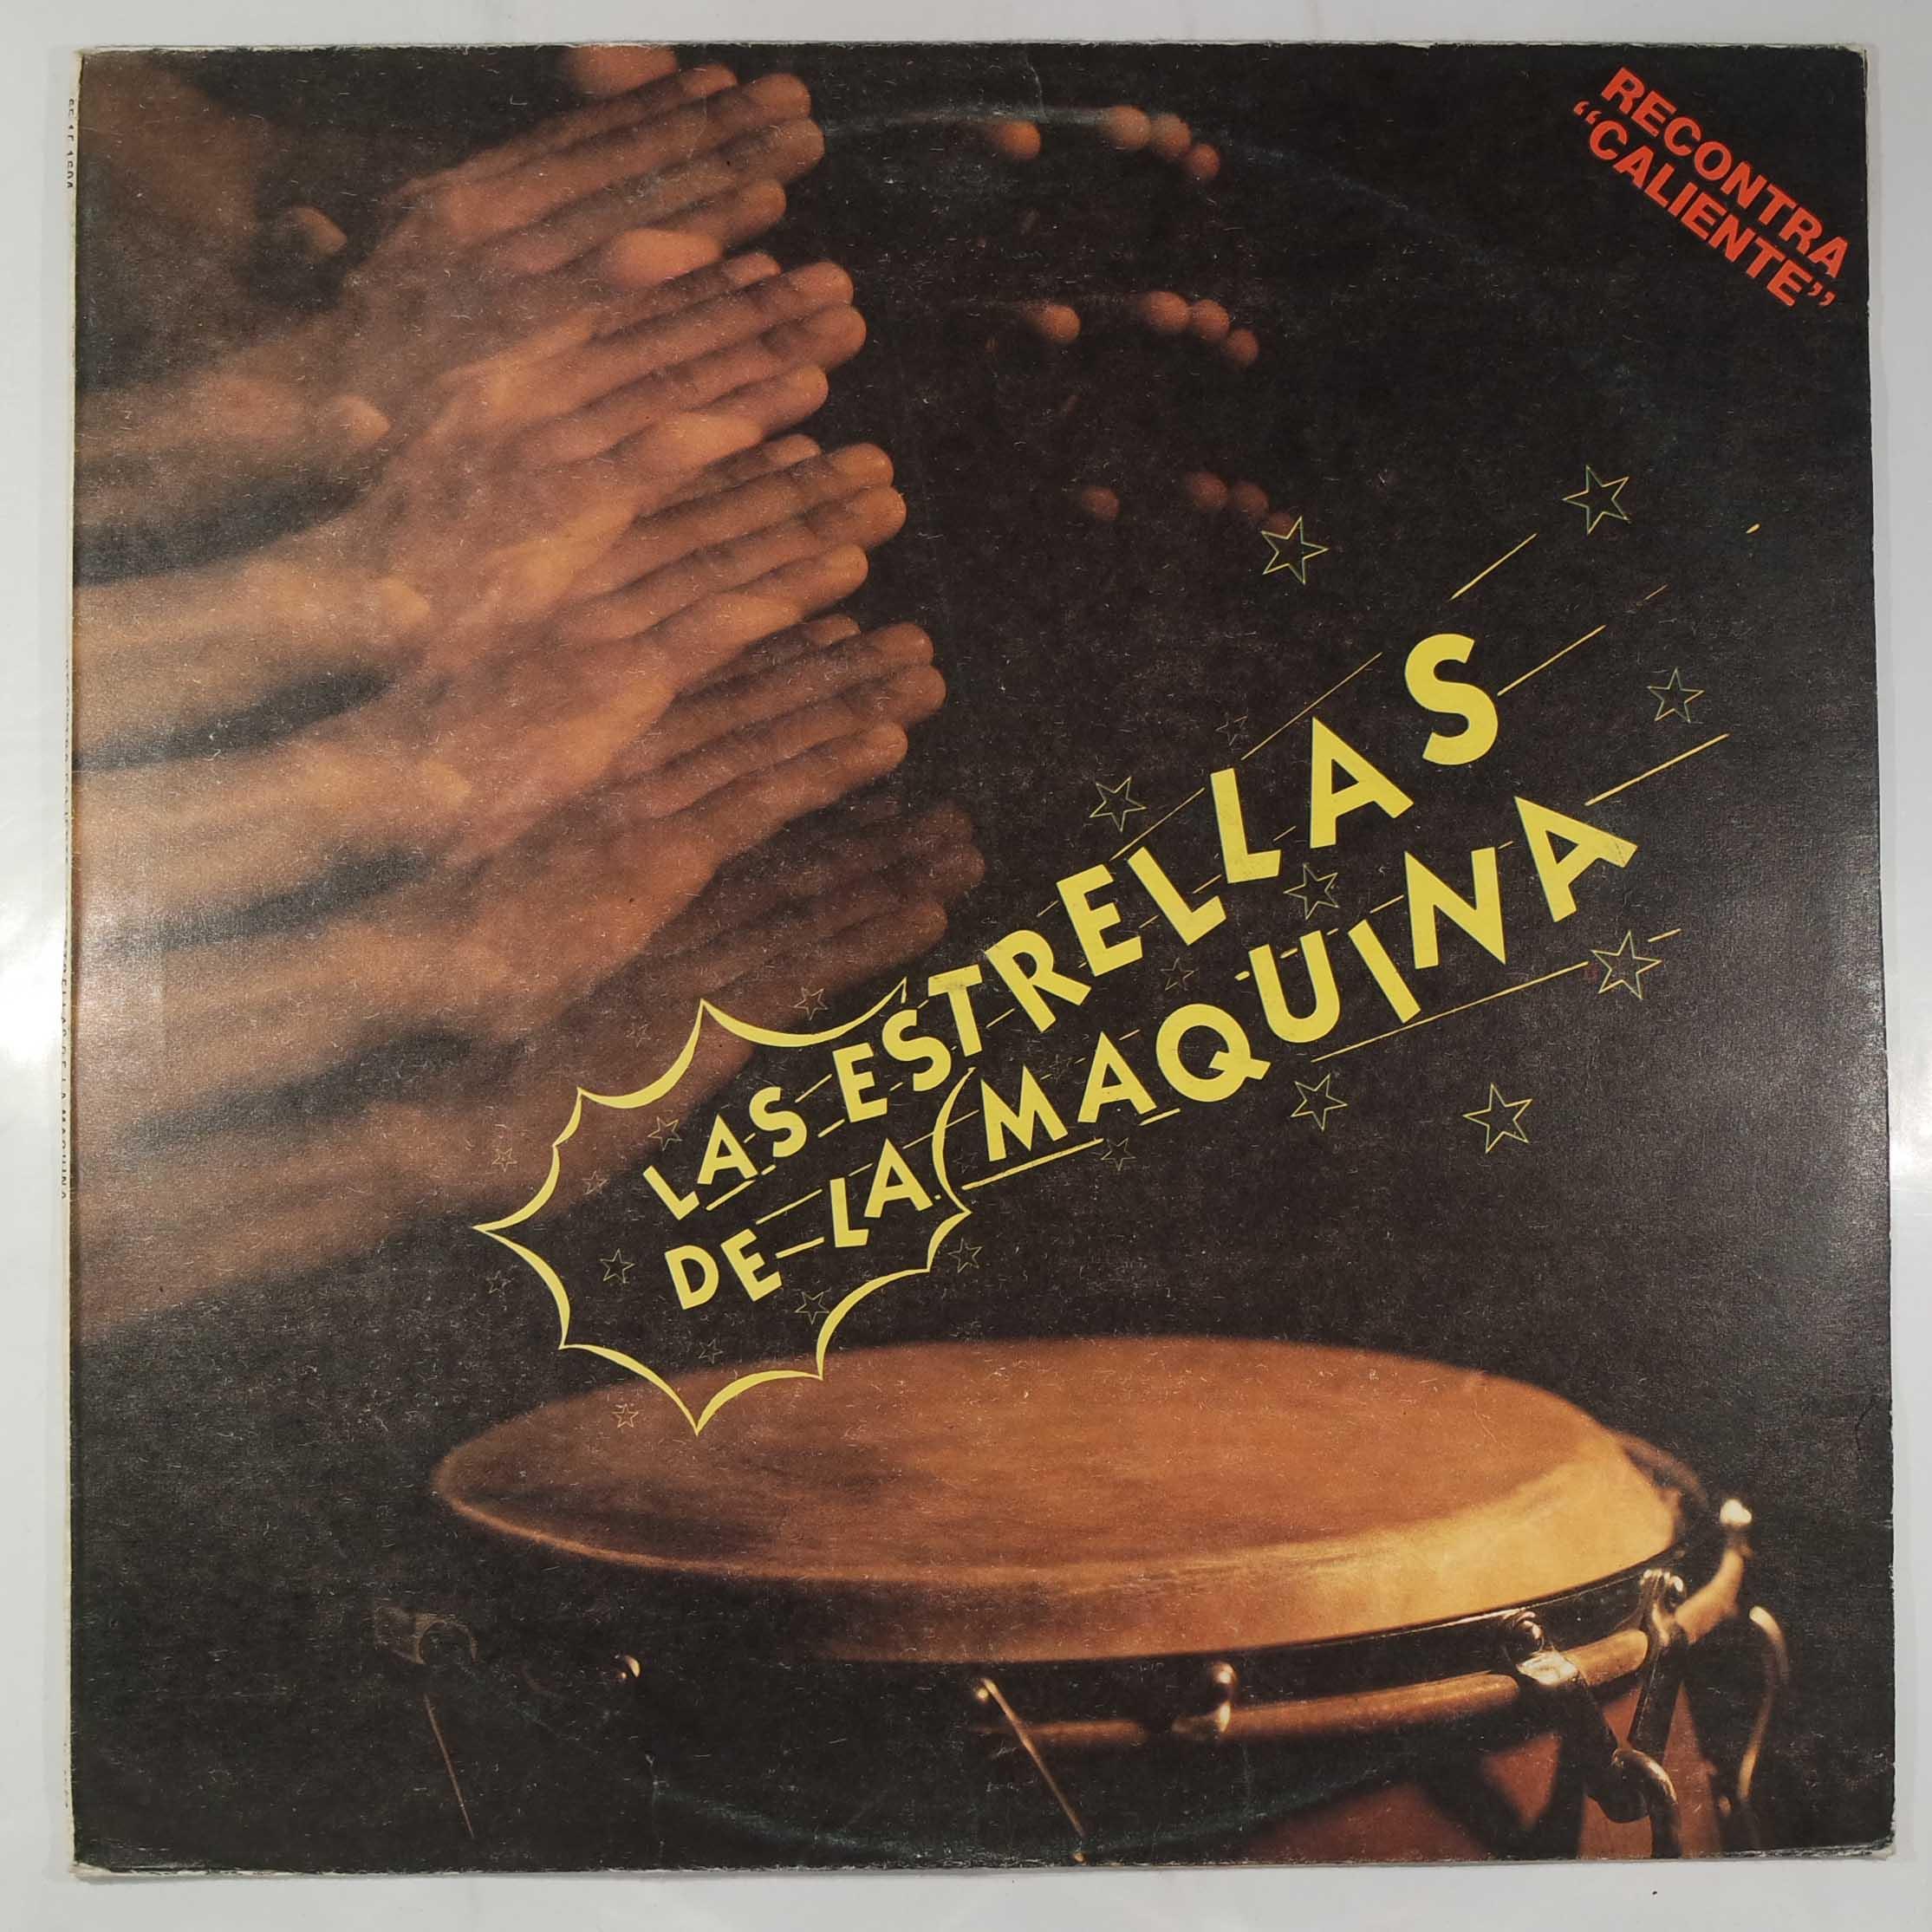 LAS ESTRELLAS DE LA MAQUINA - Rencontra Caliente - LP